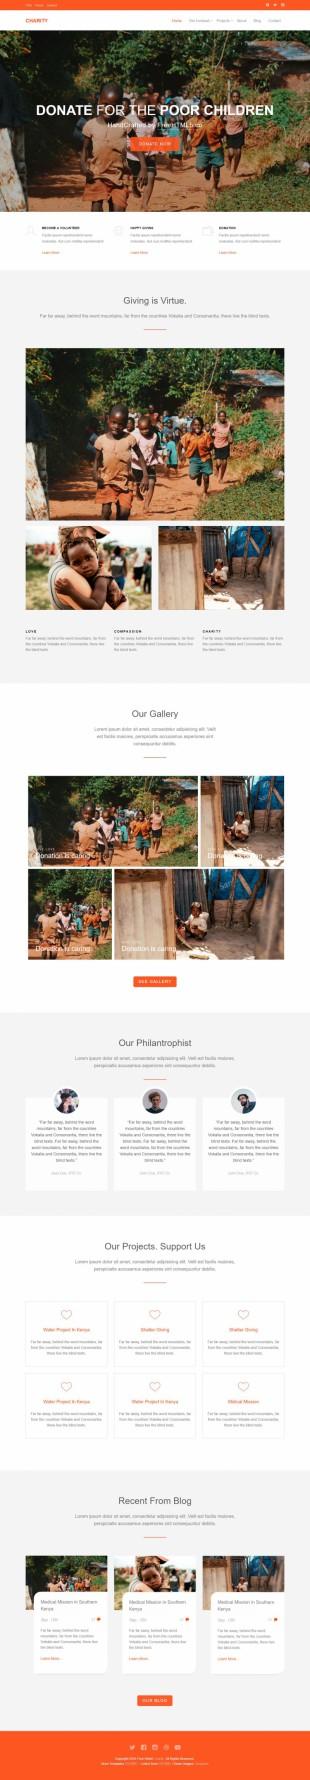 儿童公益组织企业官网模板网站制作电脑图片